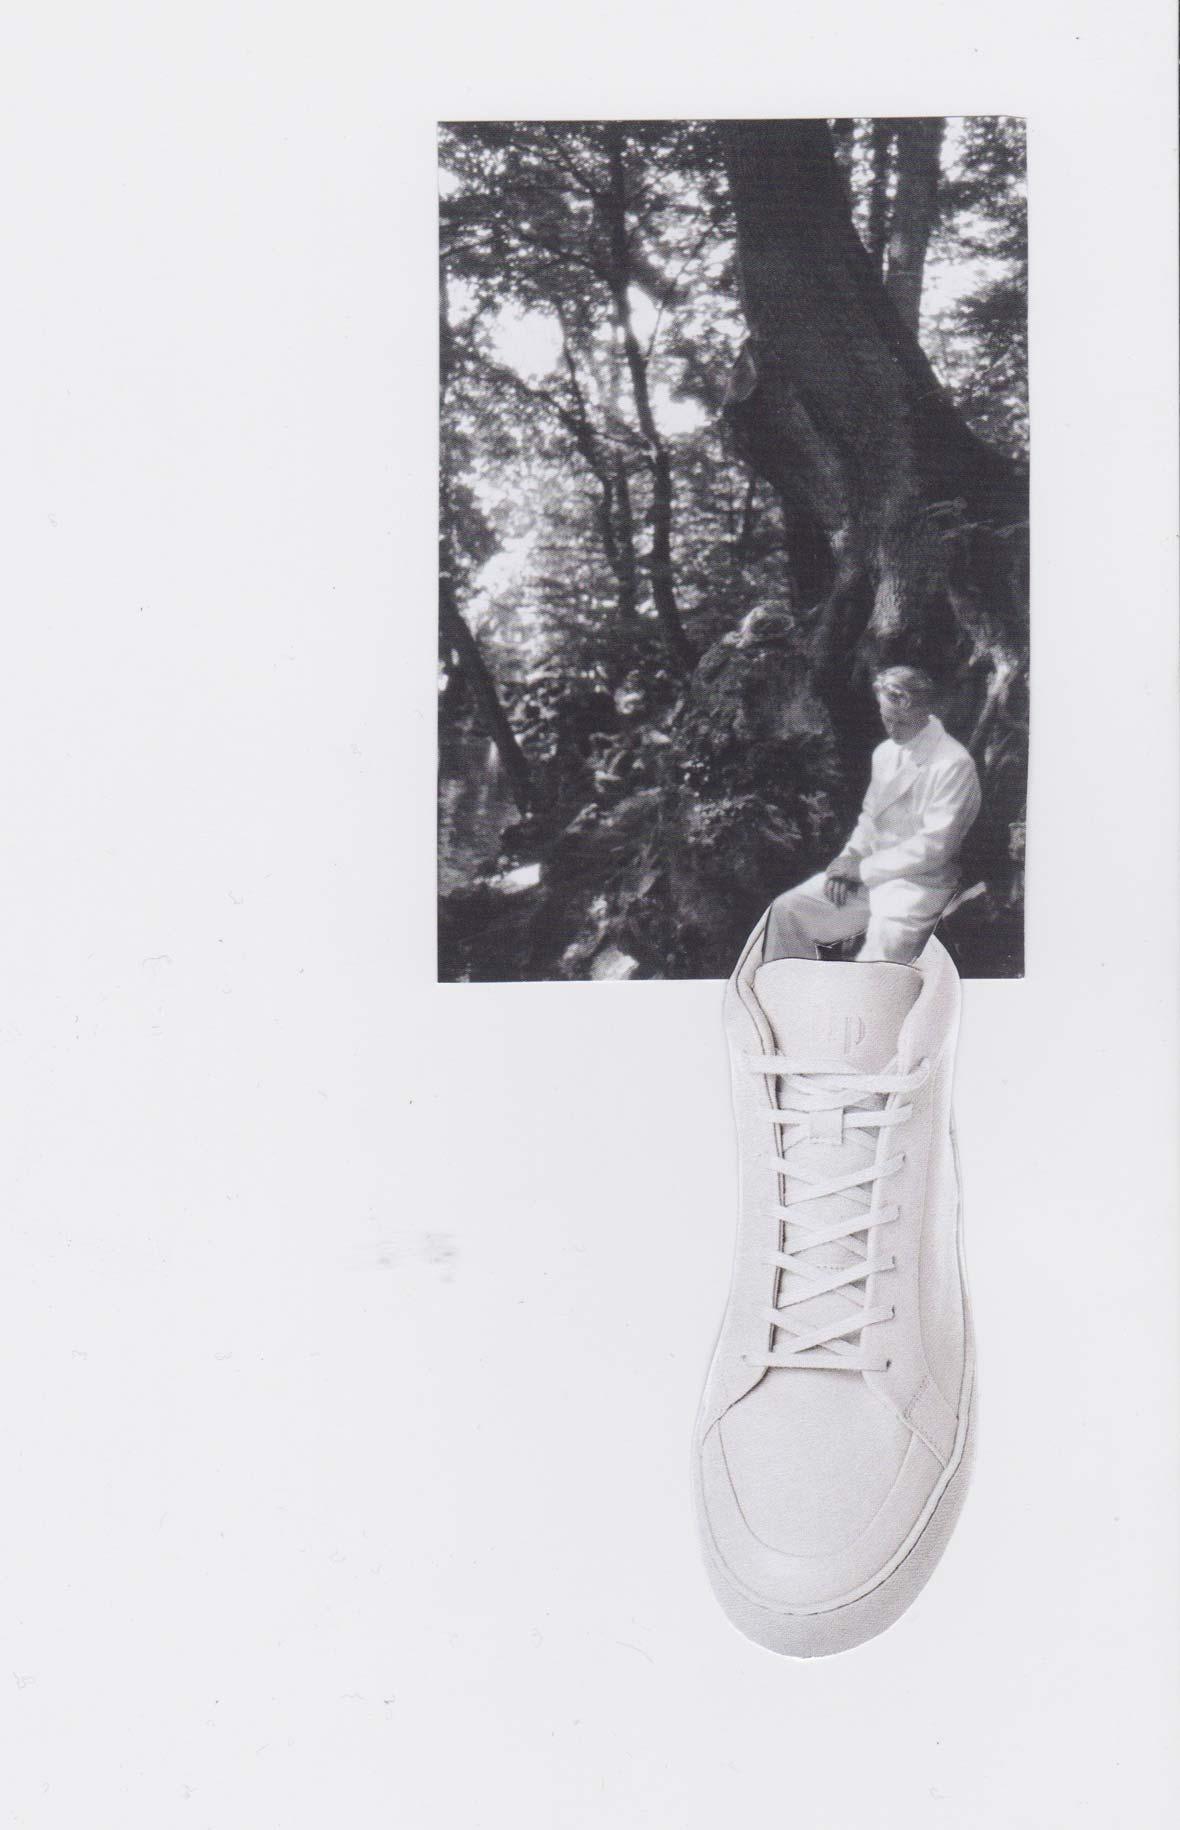 Le-Mile-Magazine-LIP-Label-Shoes-Sneakers-2018-1.jpg